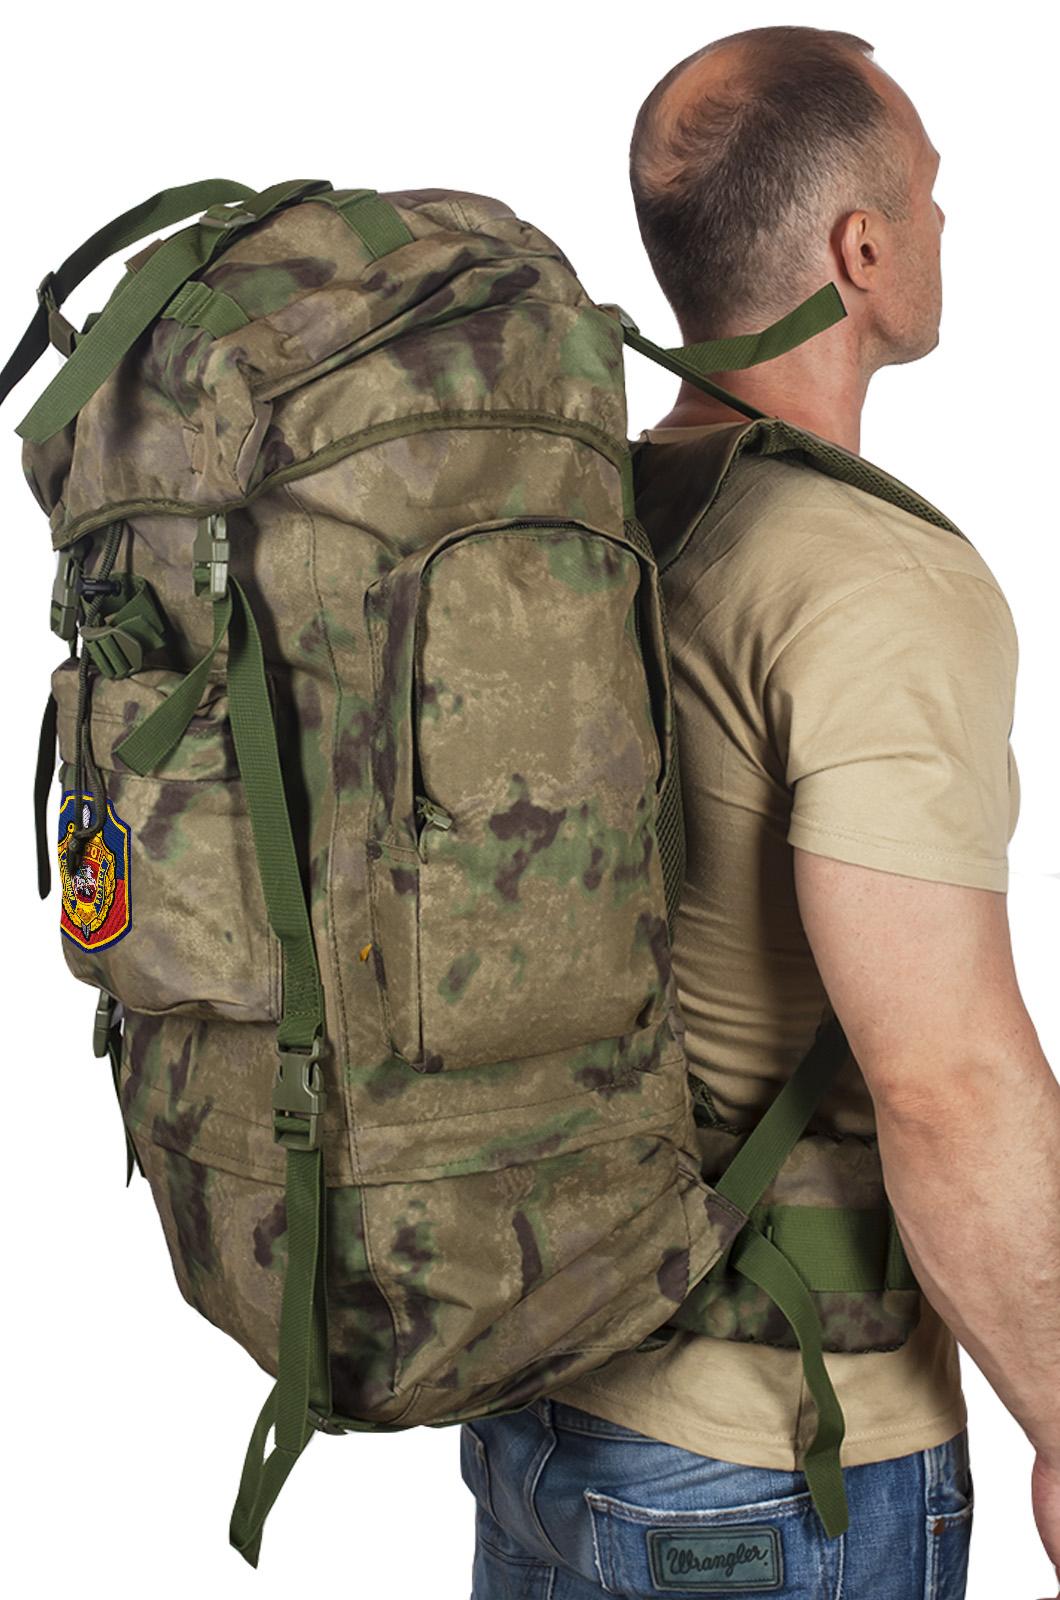 Тактический камуфляжный ранец-рюкзак УГРО - заказать онлайн